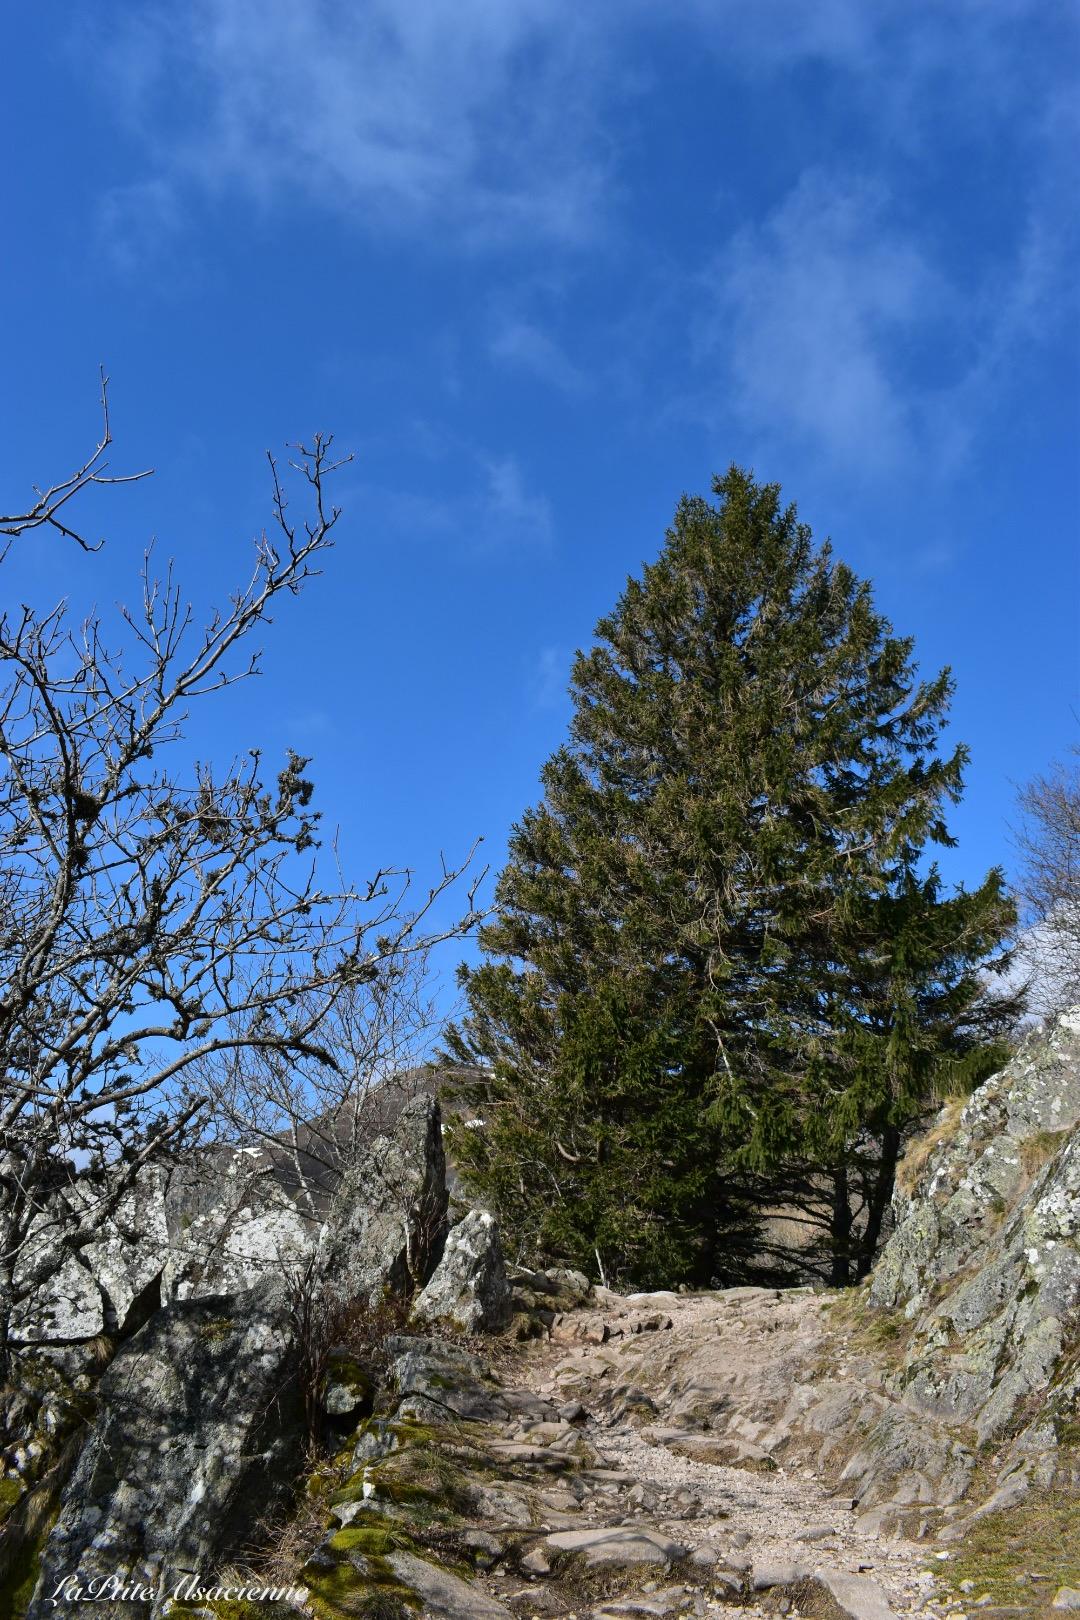 Sentier menant au Petit Hohneck et Hohneck et col du Schaeferthal - Photo by Cendrine Miesch dite LaPtiteAlsacienne